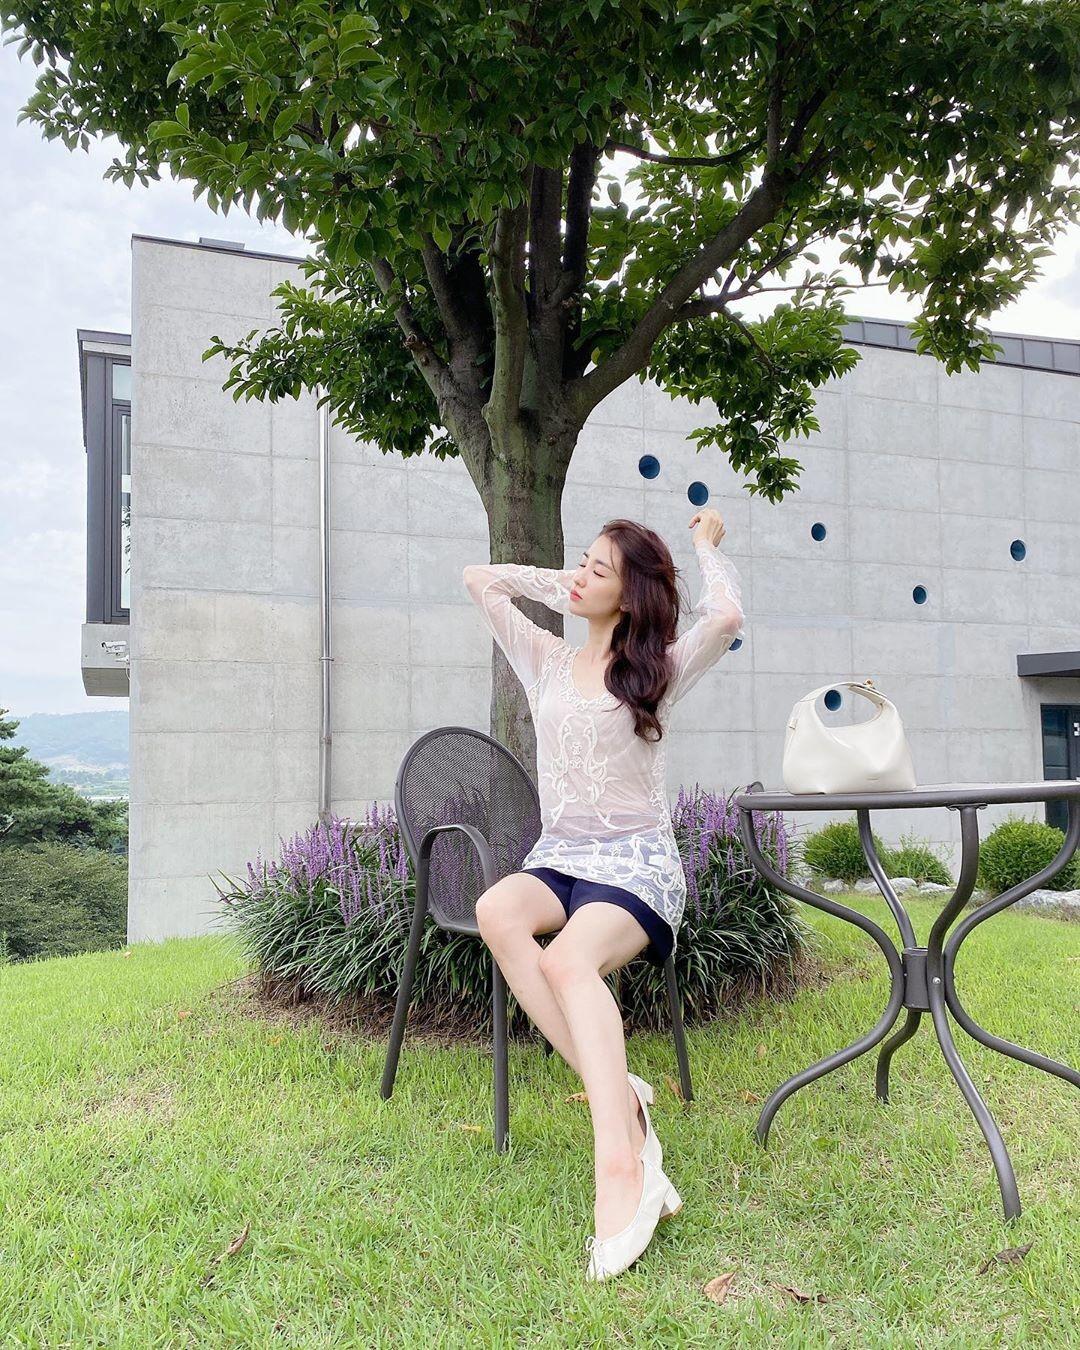 '류수영♥' 박하선, 청순 여신의 아름다운 자태 [리포트:컷]